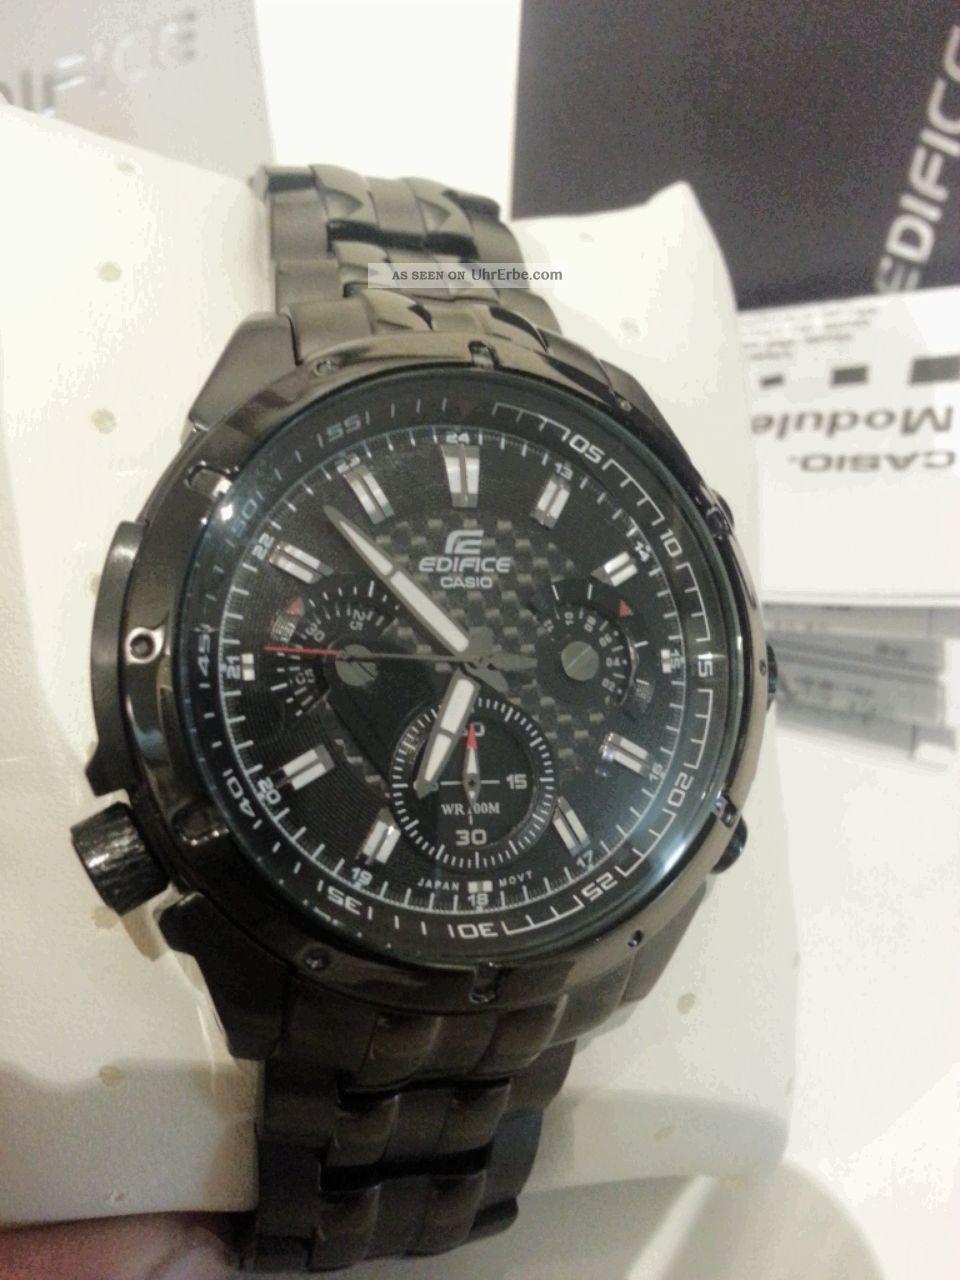 9cbdf7082691 Casio Edifice Ef - 535bk - 1av Reloj Watch Herrenarmbanduhr Montre Orologio